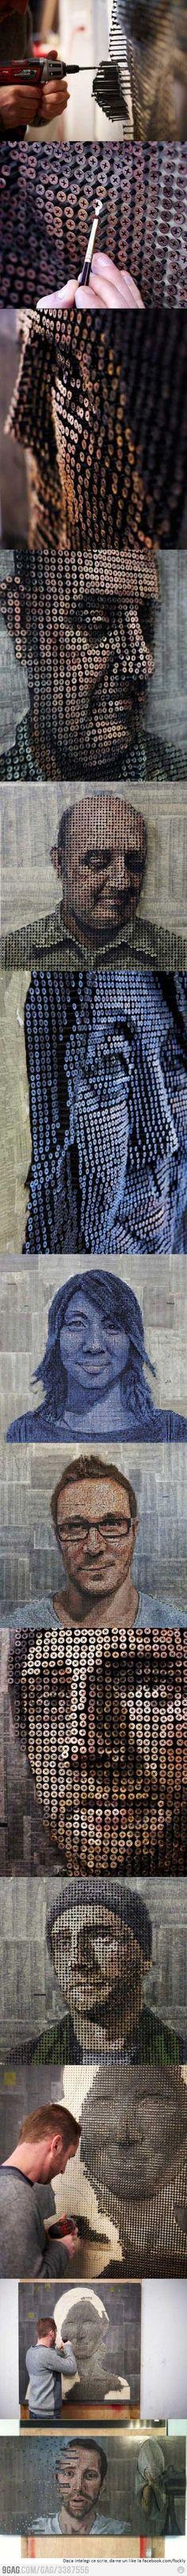 Esculturas feitas de parafusos